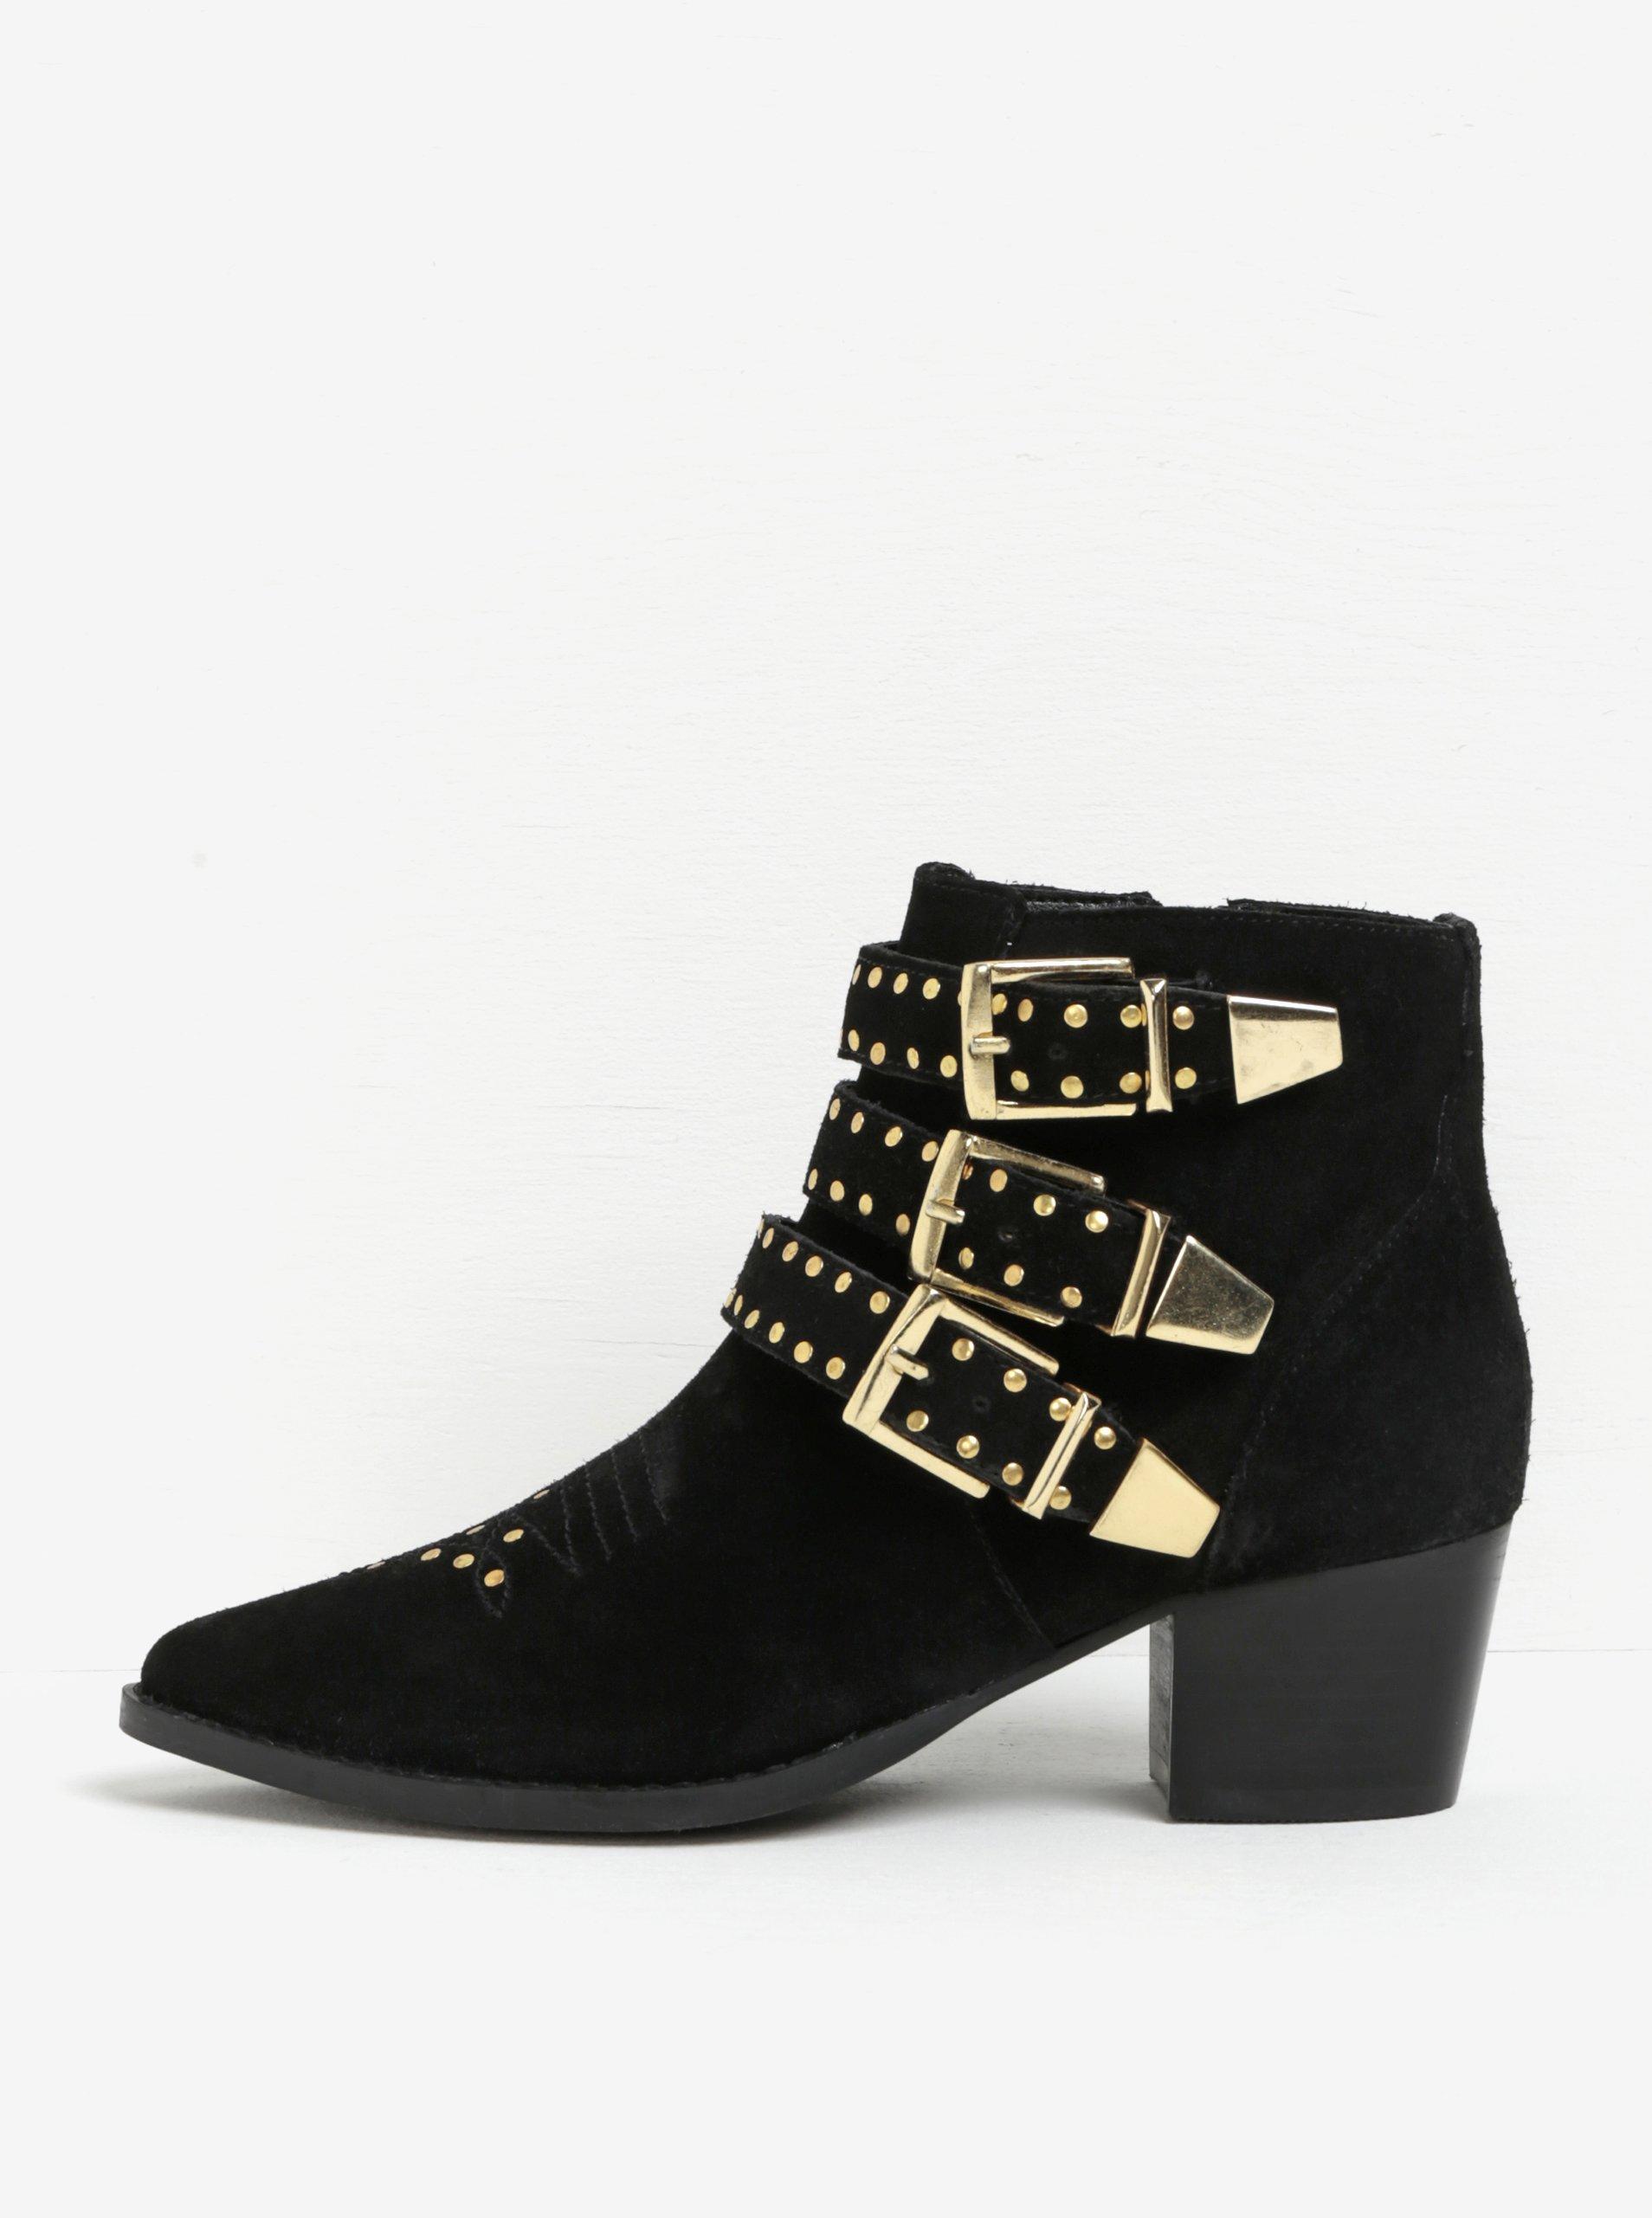 924837ca73f5 Čierne členkové semišové topánky s detailmi v zlatej farbe Miss KG Tiger